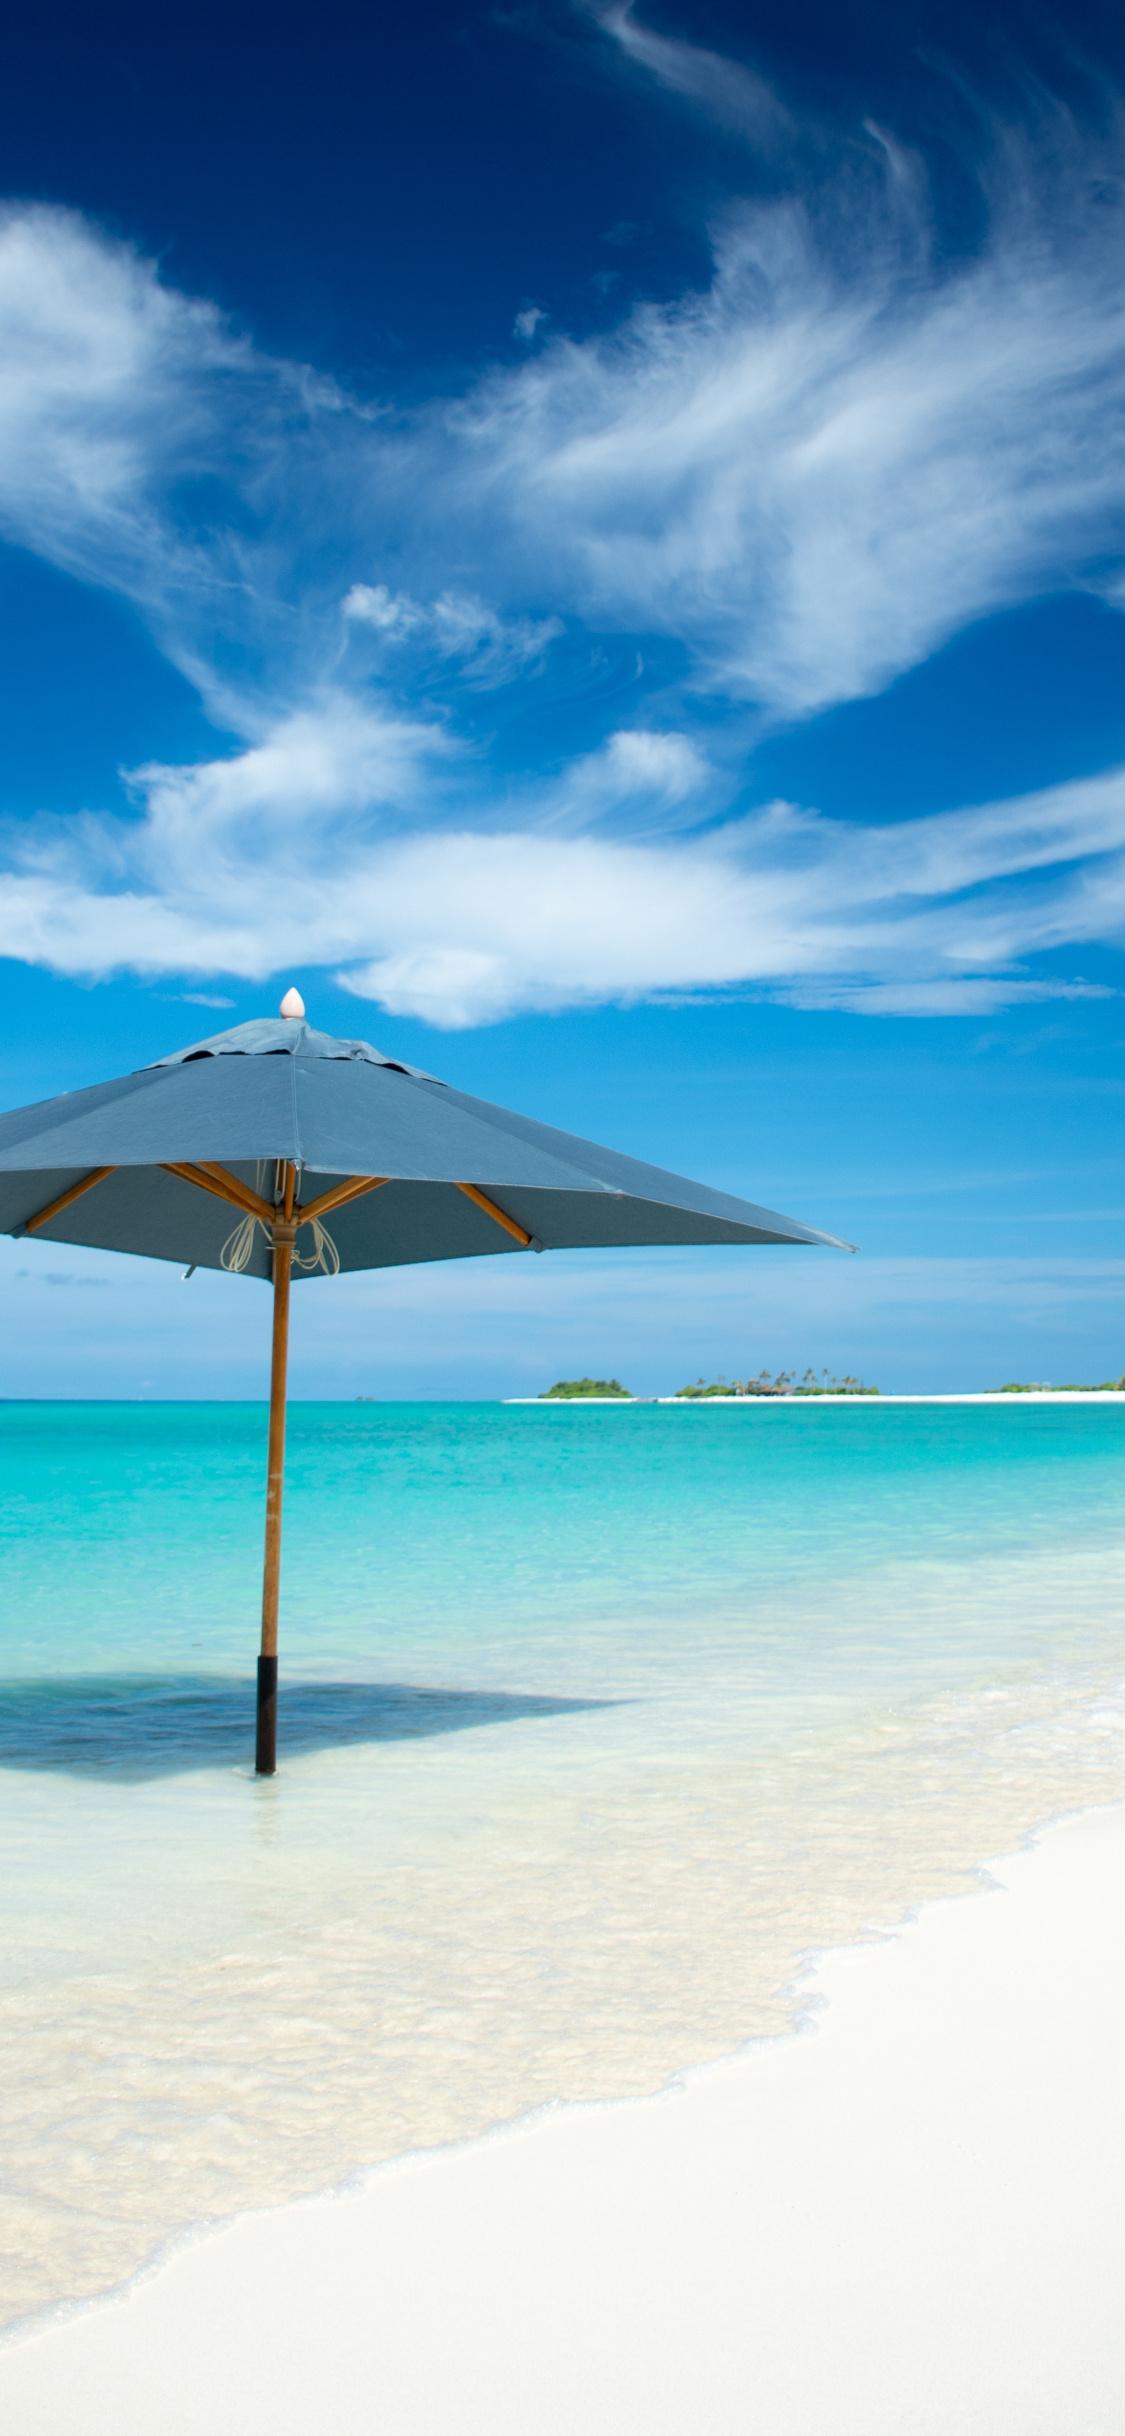 Umbrella Beach Tropical Island Summer Wallpaper Summer